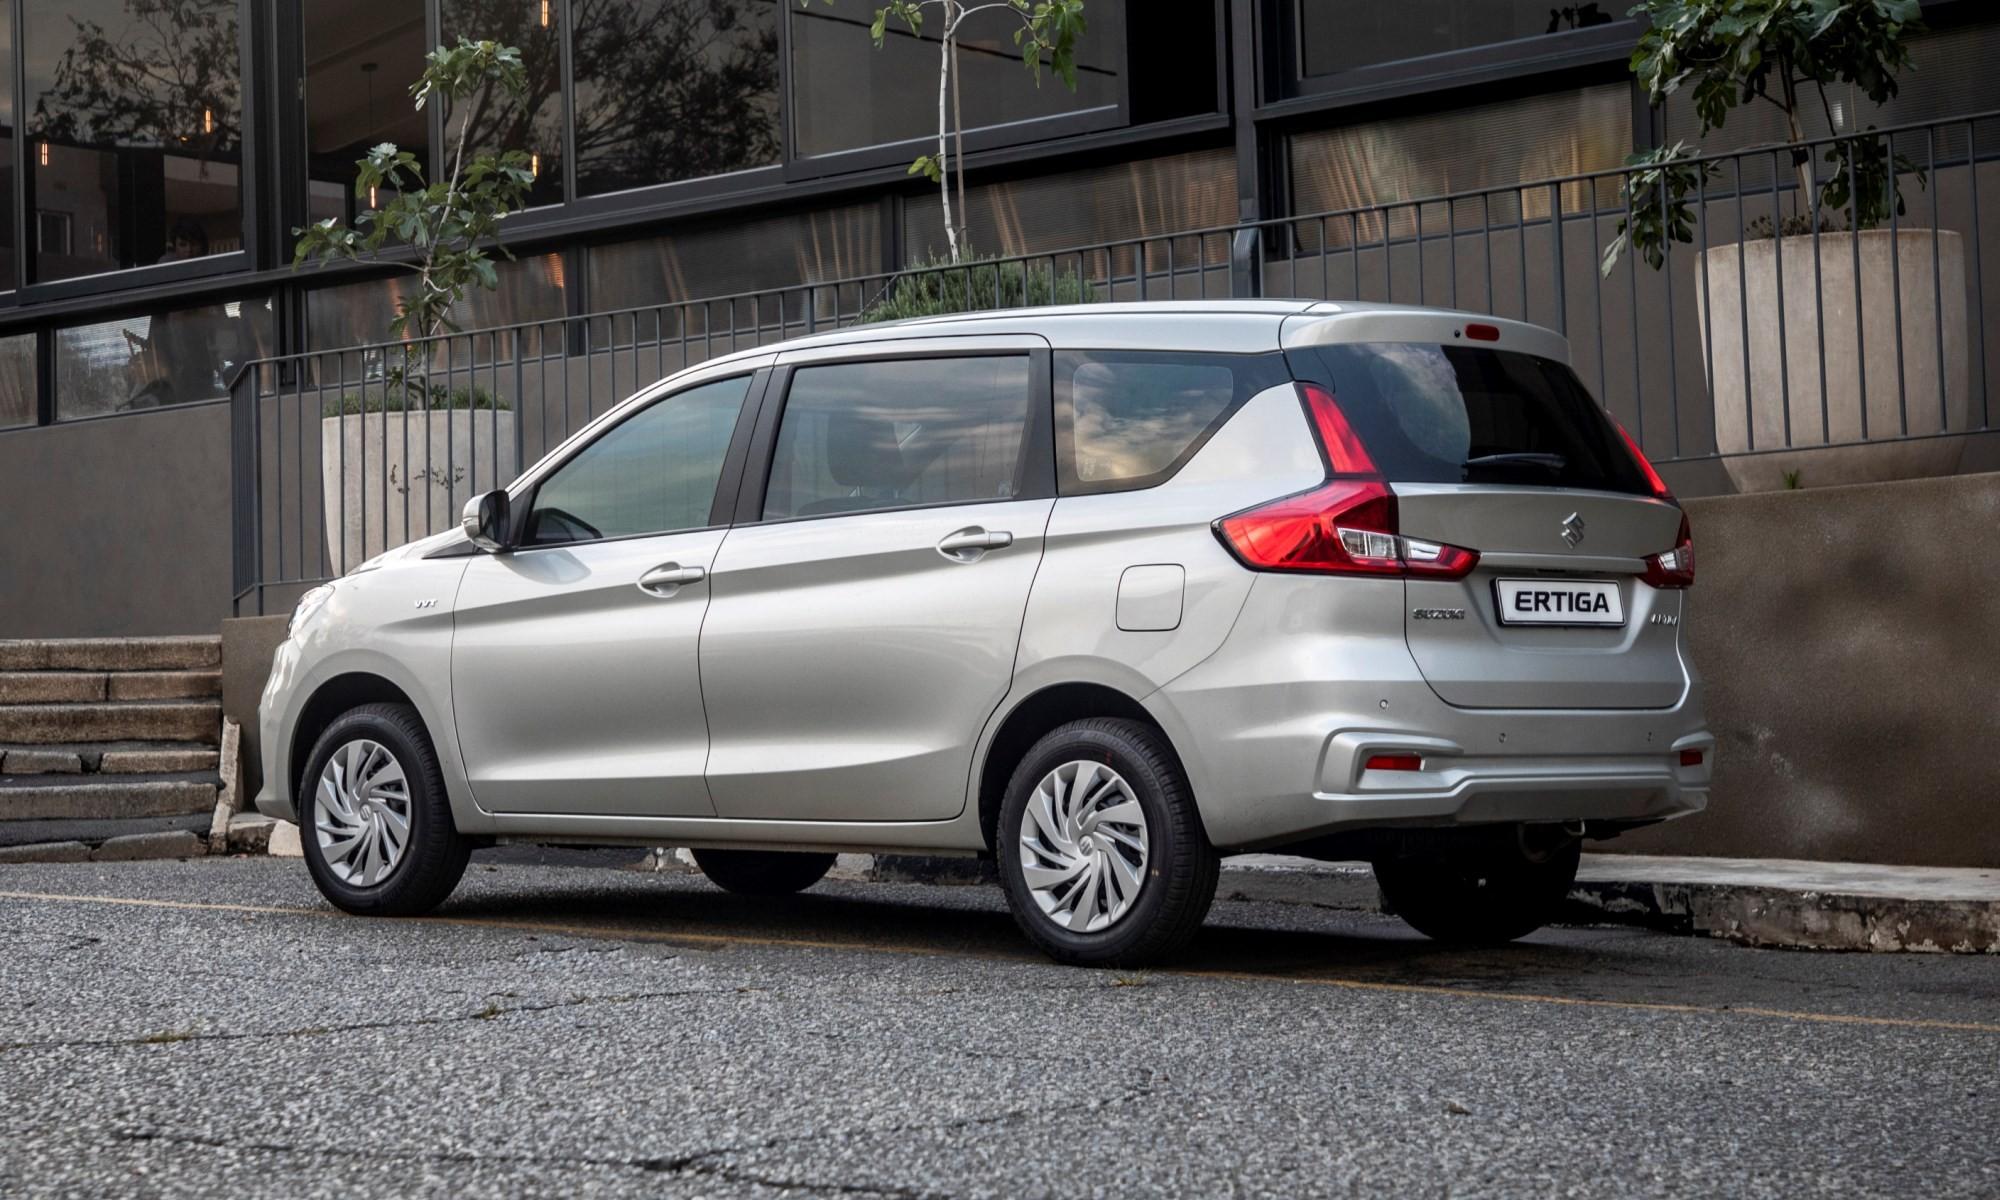 Suzuki Ertiga rear